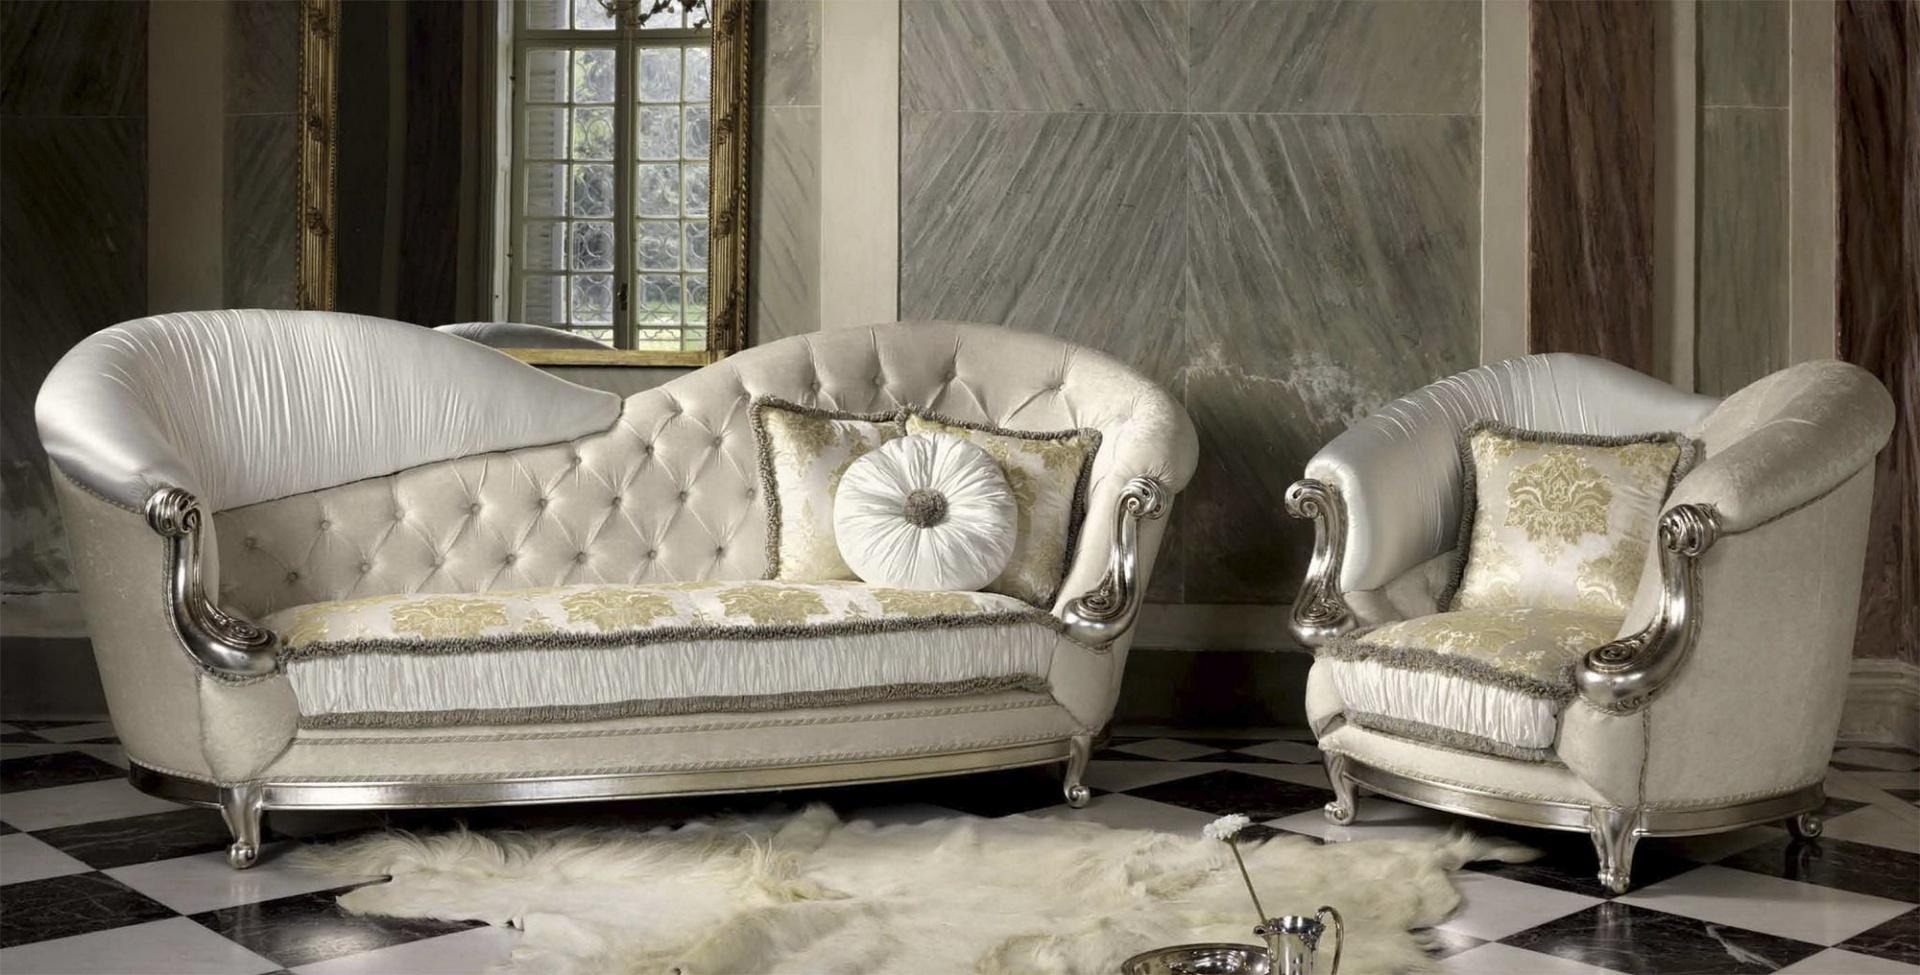 Agatha комплект мягкой мебели IM403